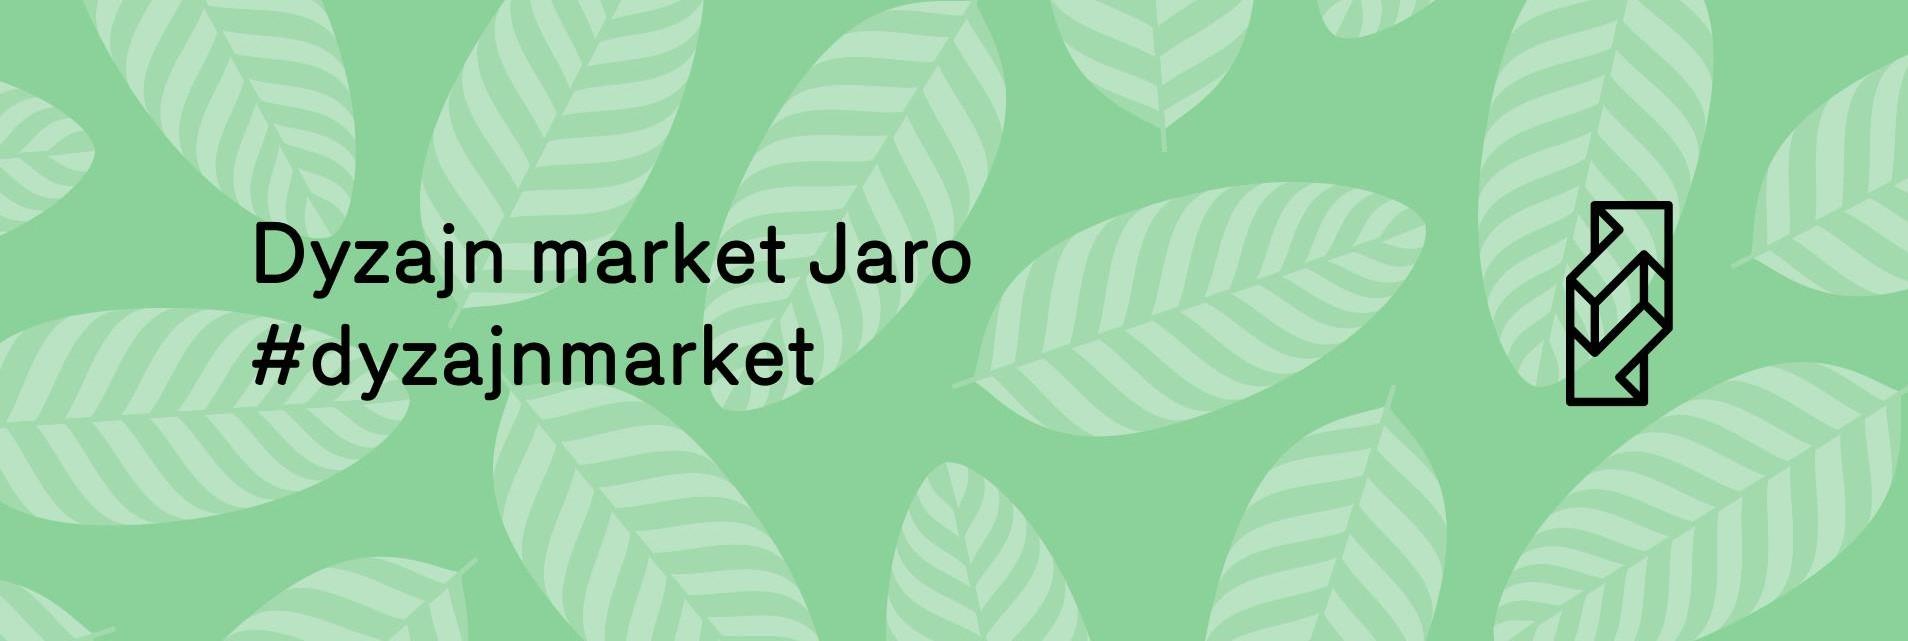 Dyzajn market JARO 15.-16.5.2021